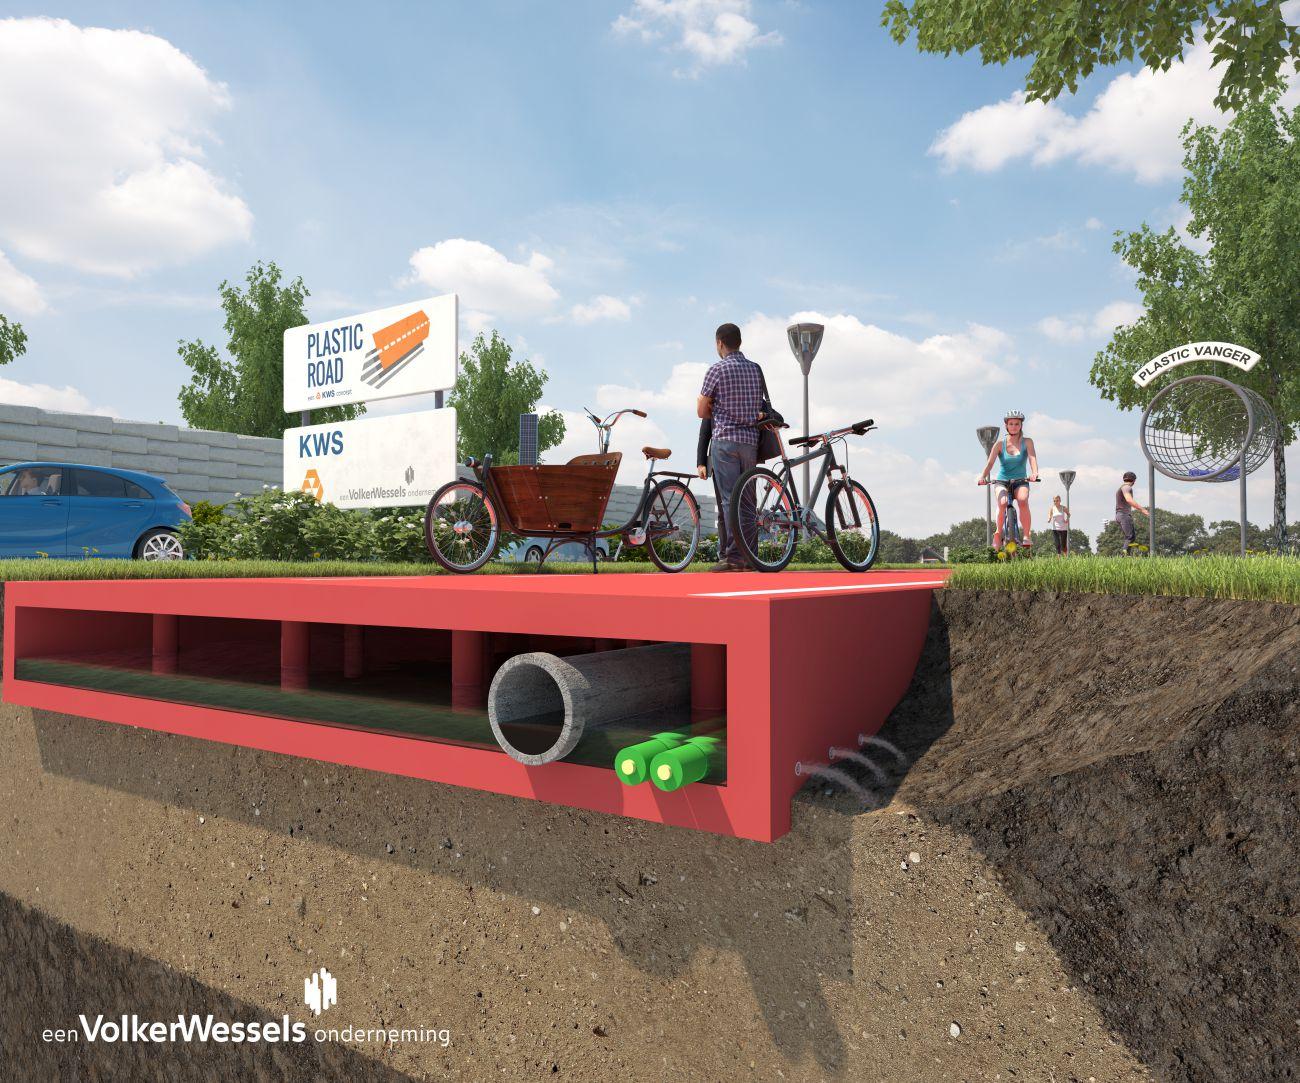 Konzept für Kunststoff-Straßen - Querschnitt